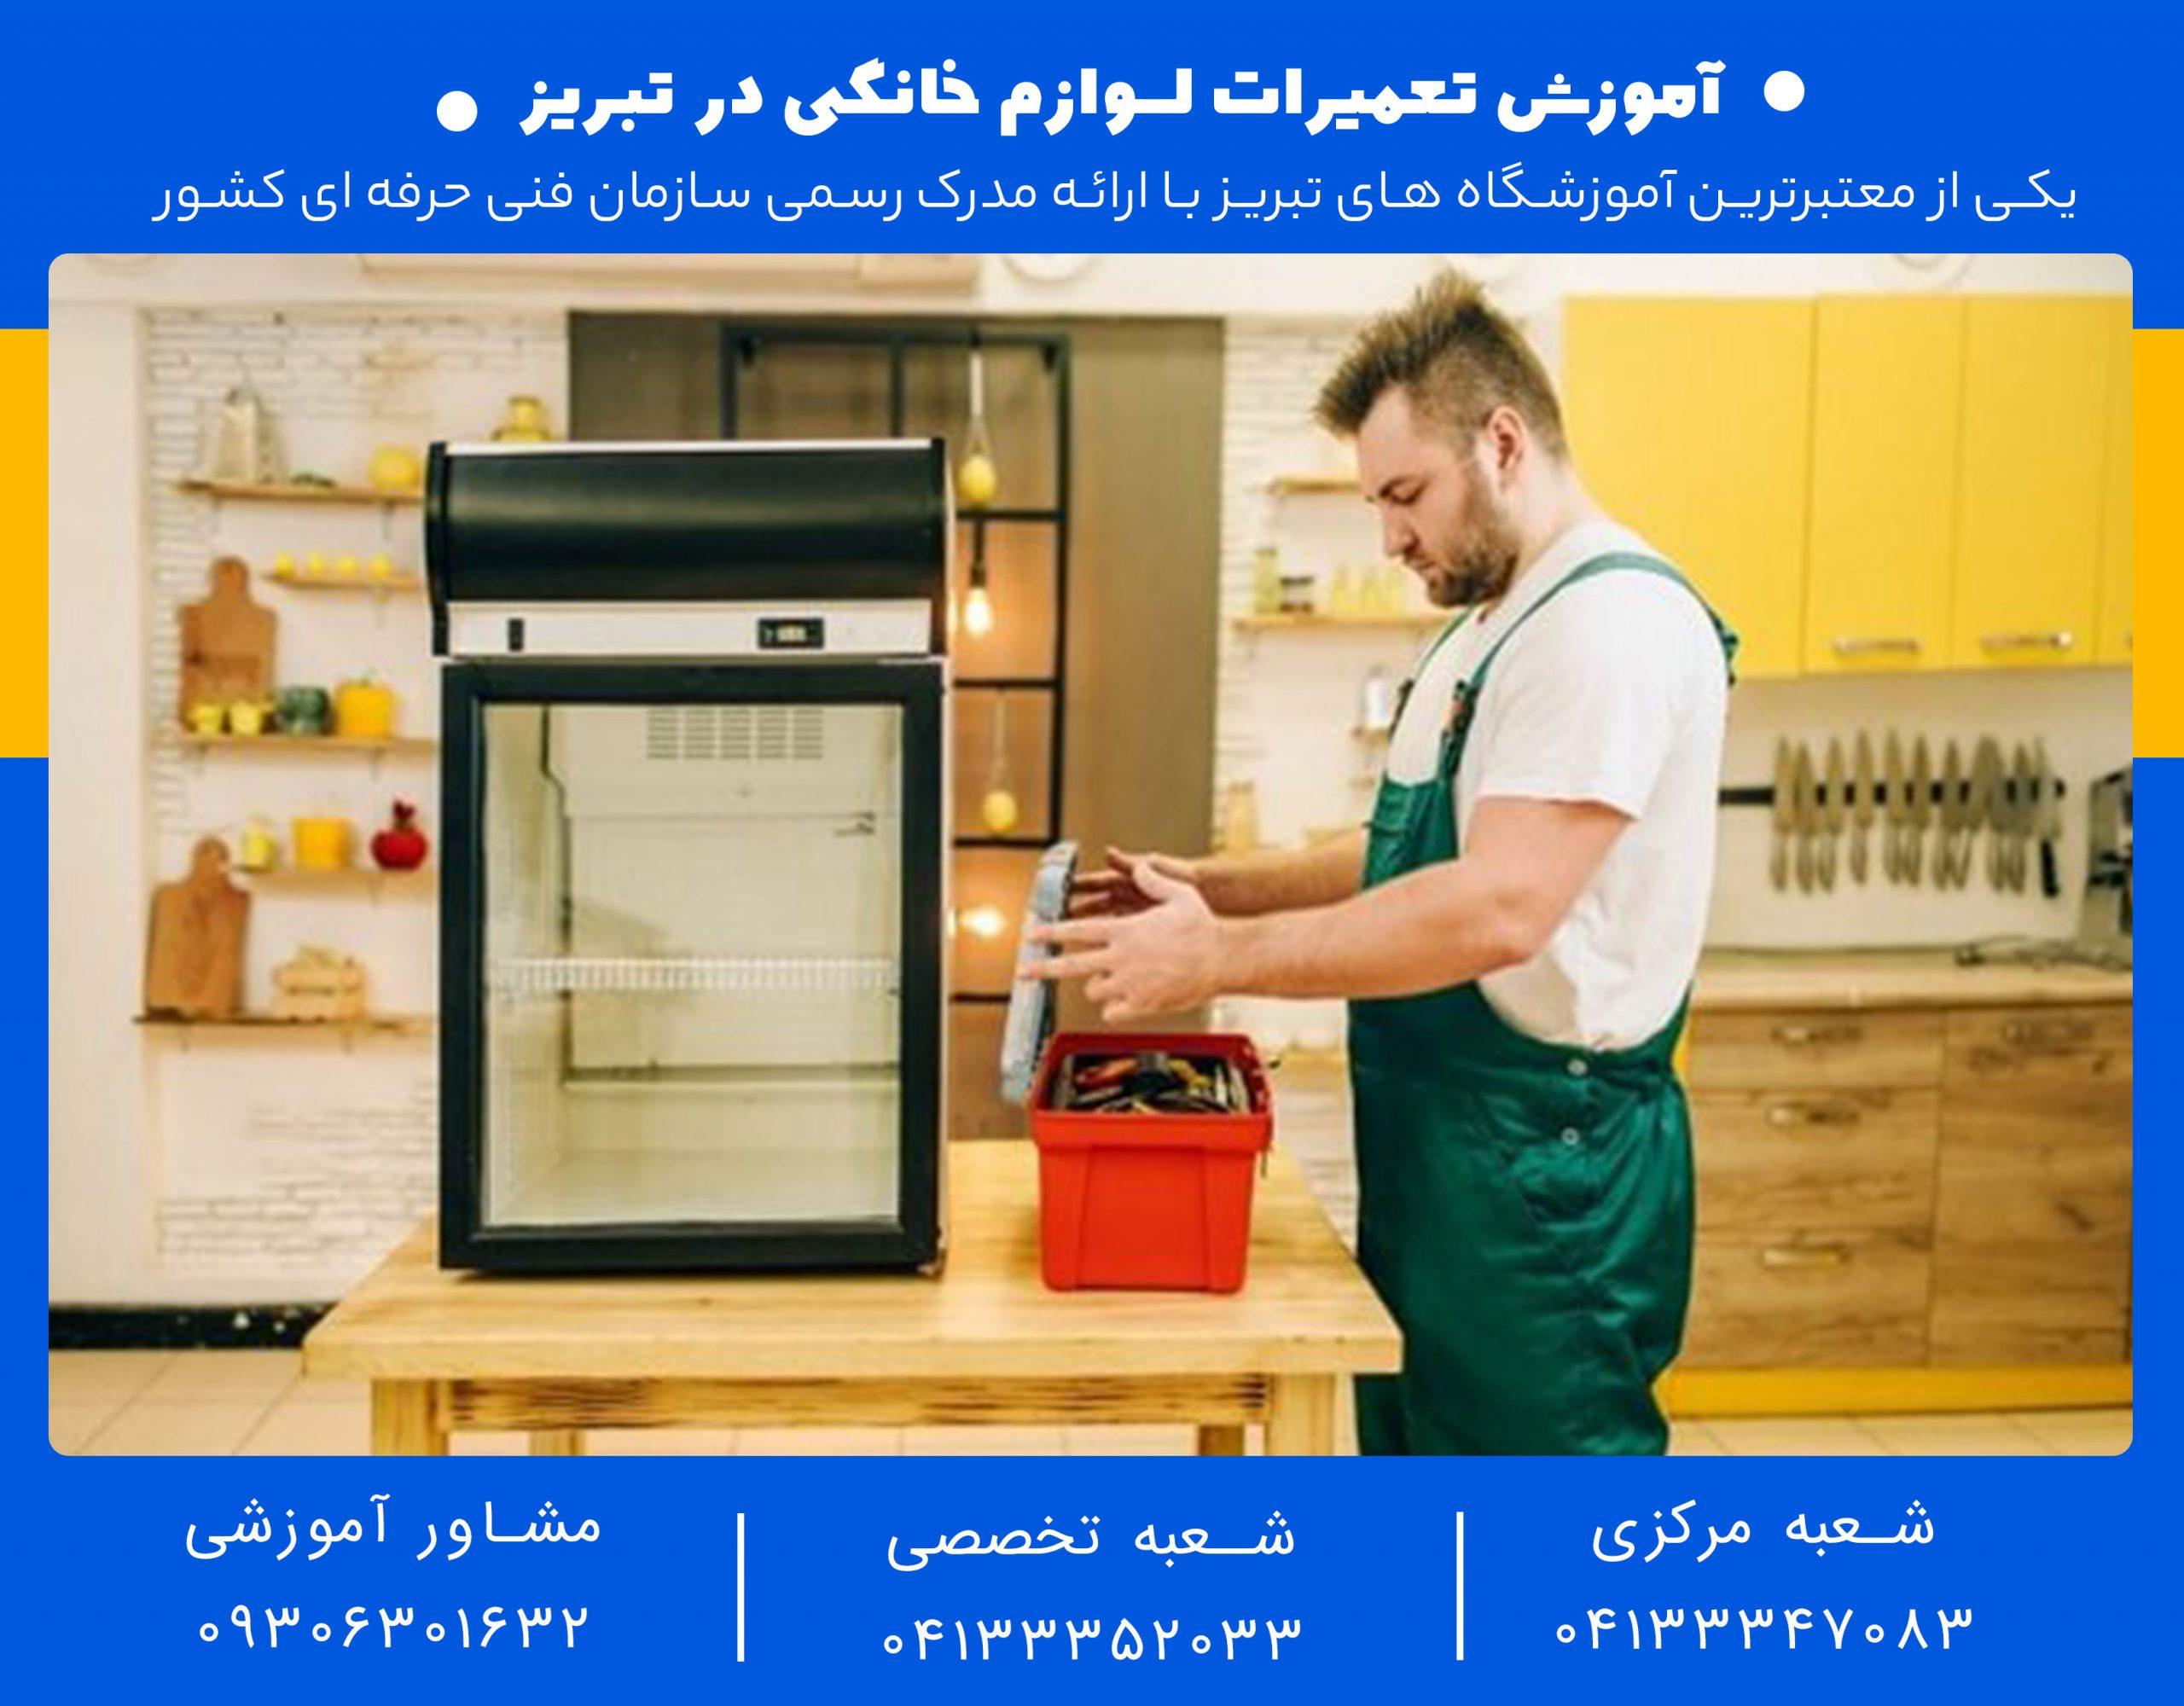 آموزش-تعمیرات-لوازم-خانگی-در-تبریز